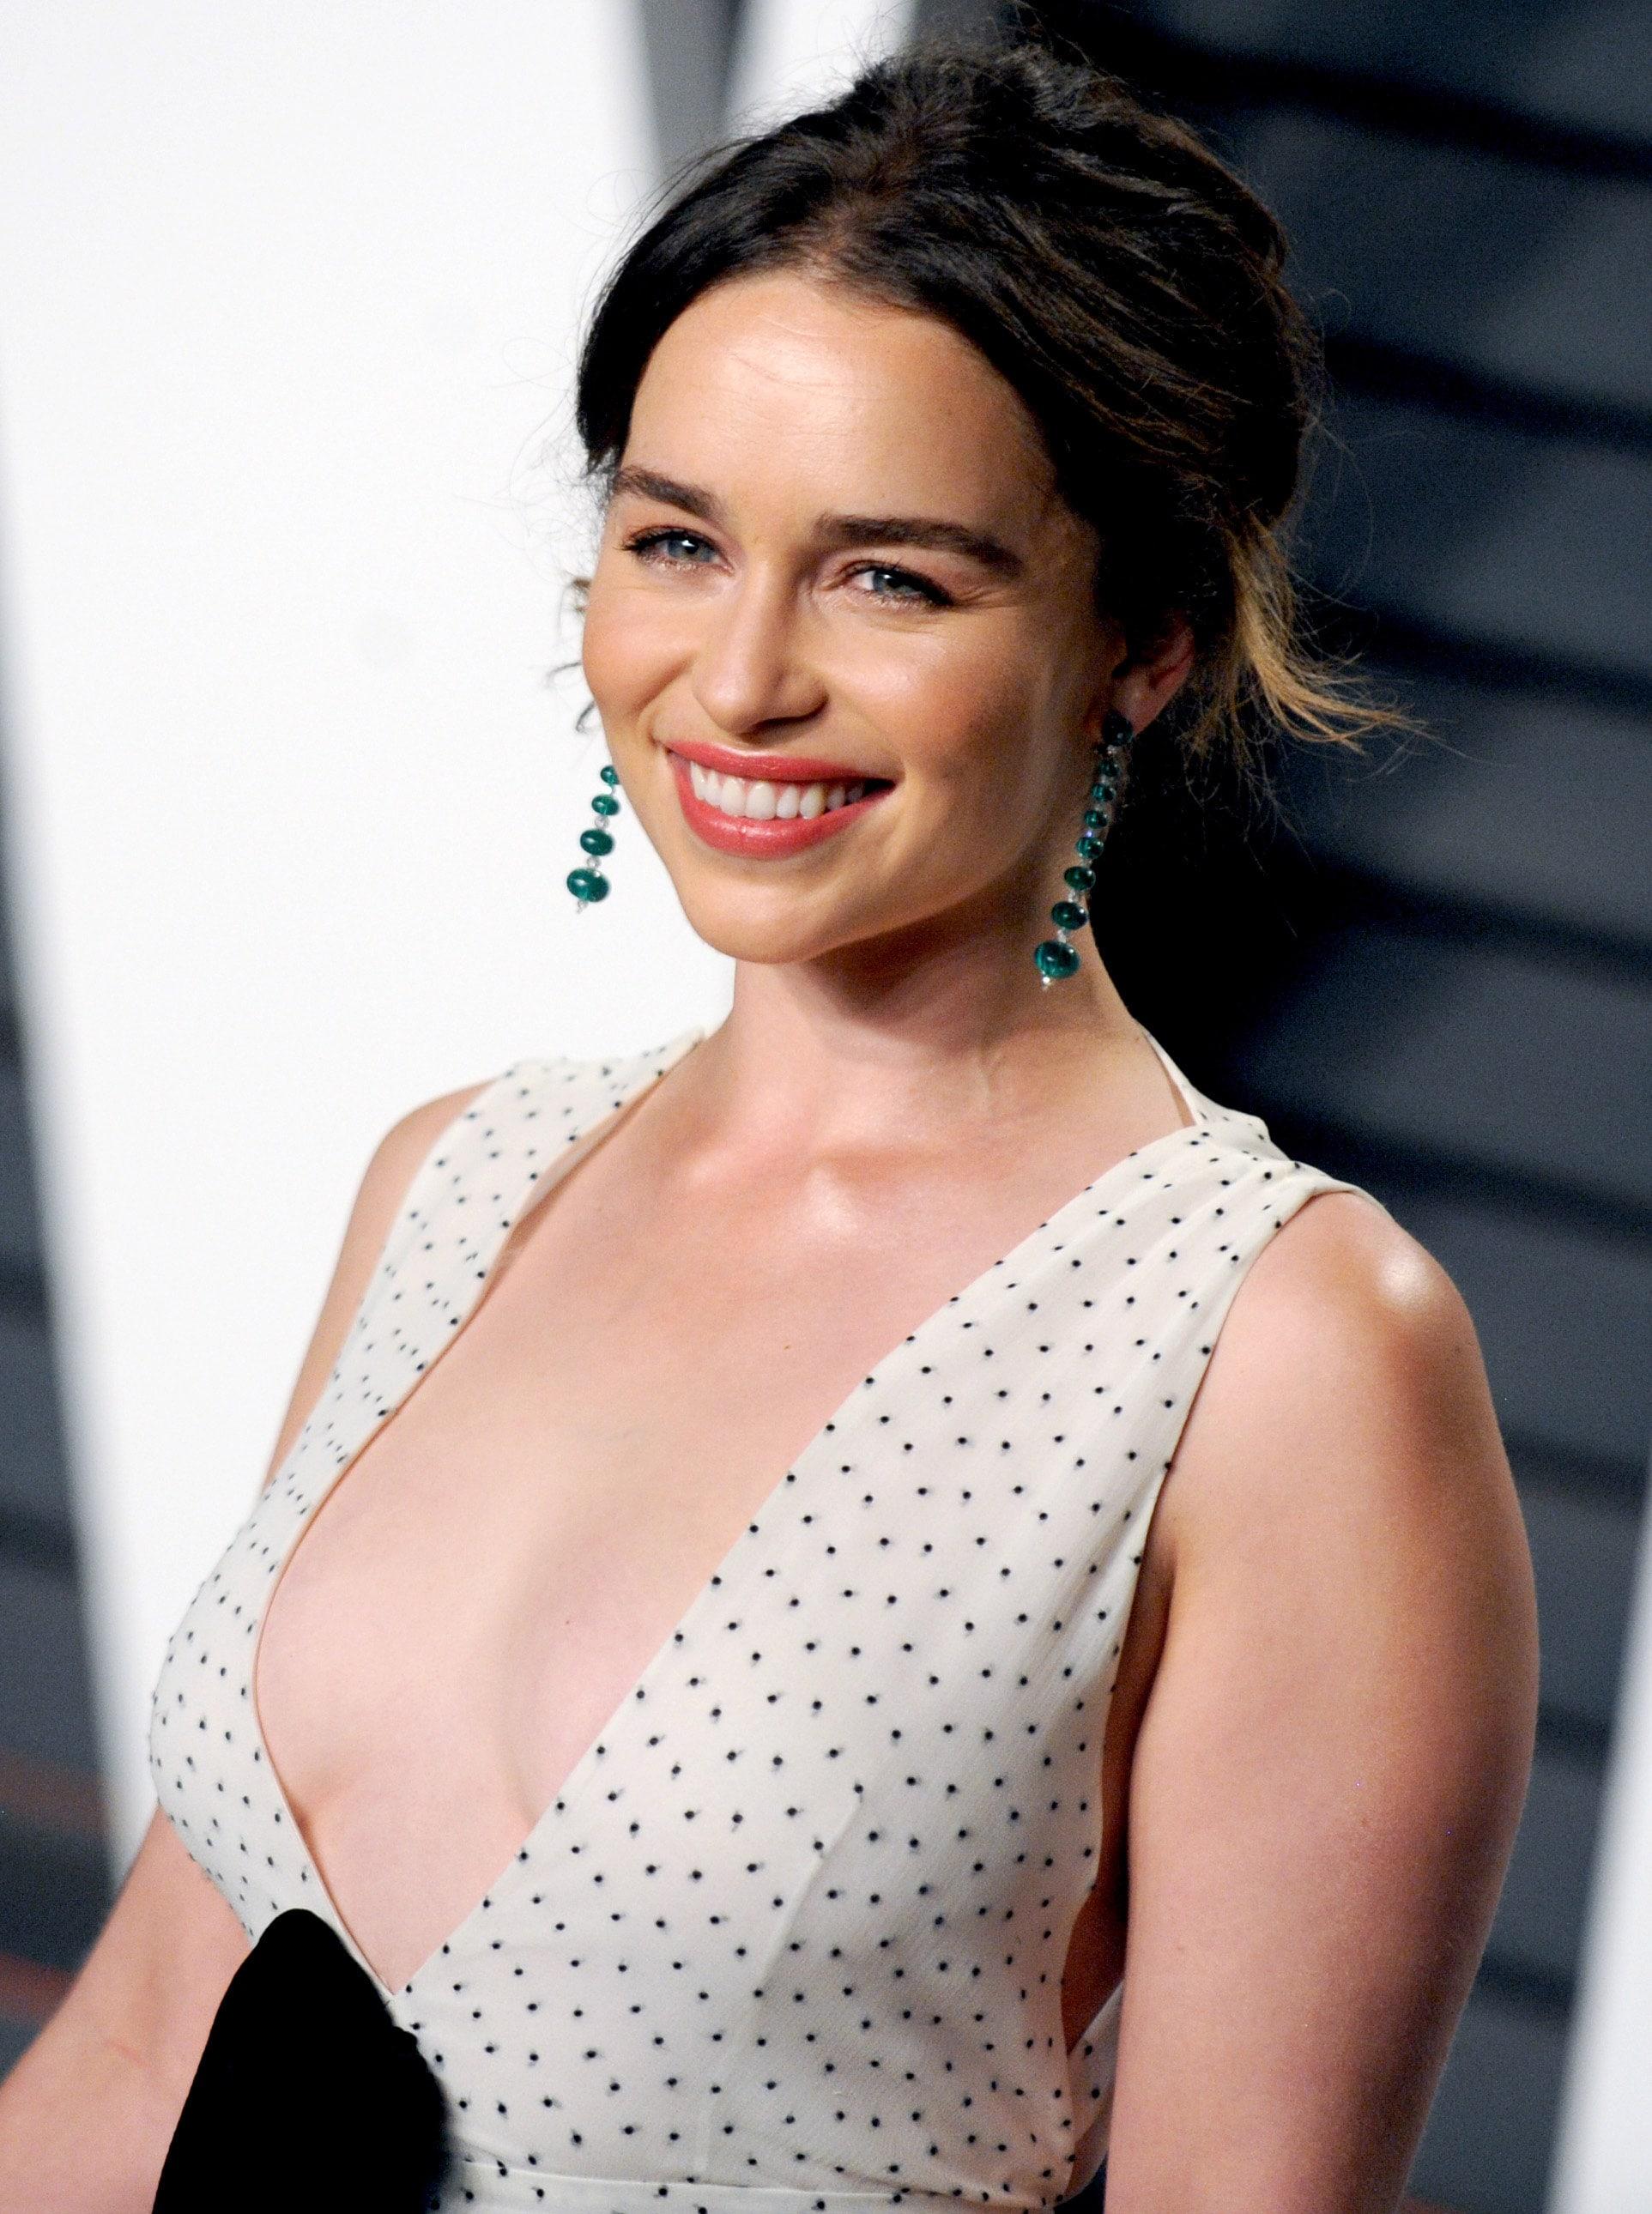 Emilia Clarke For mobile